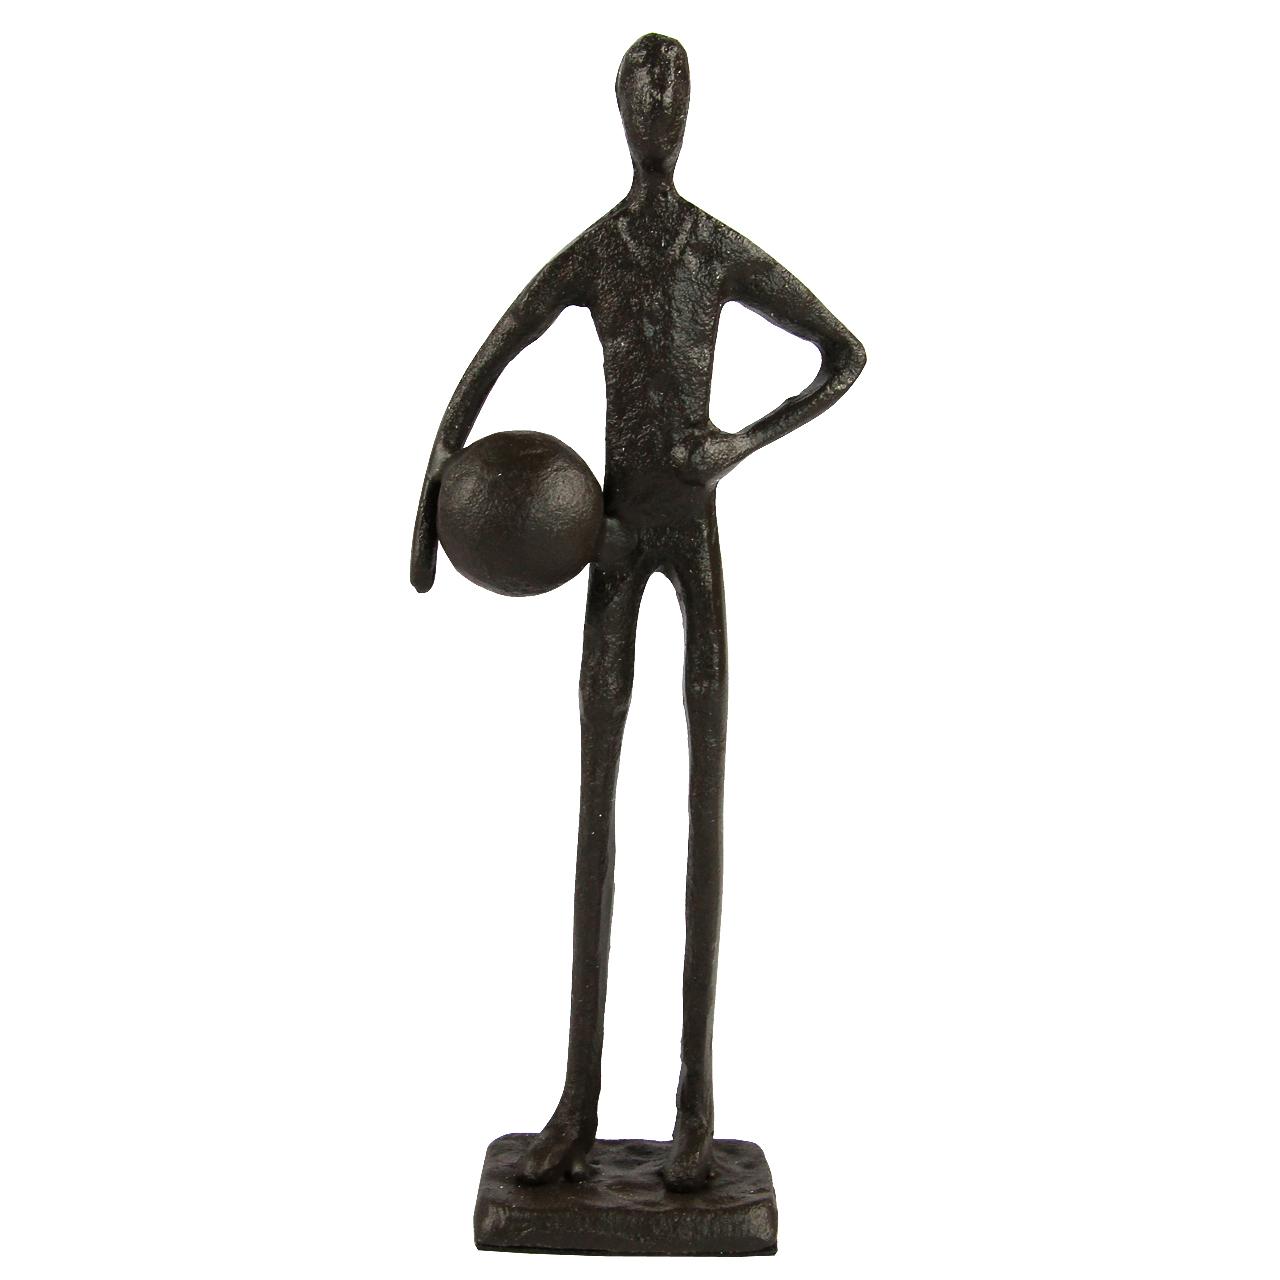 Statueta Fotbalist Din Metal Negru